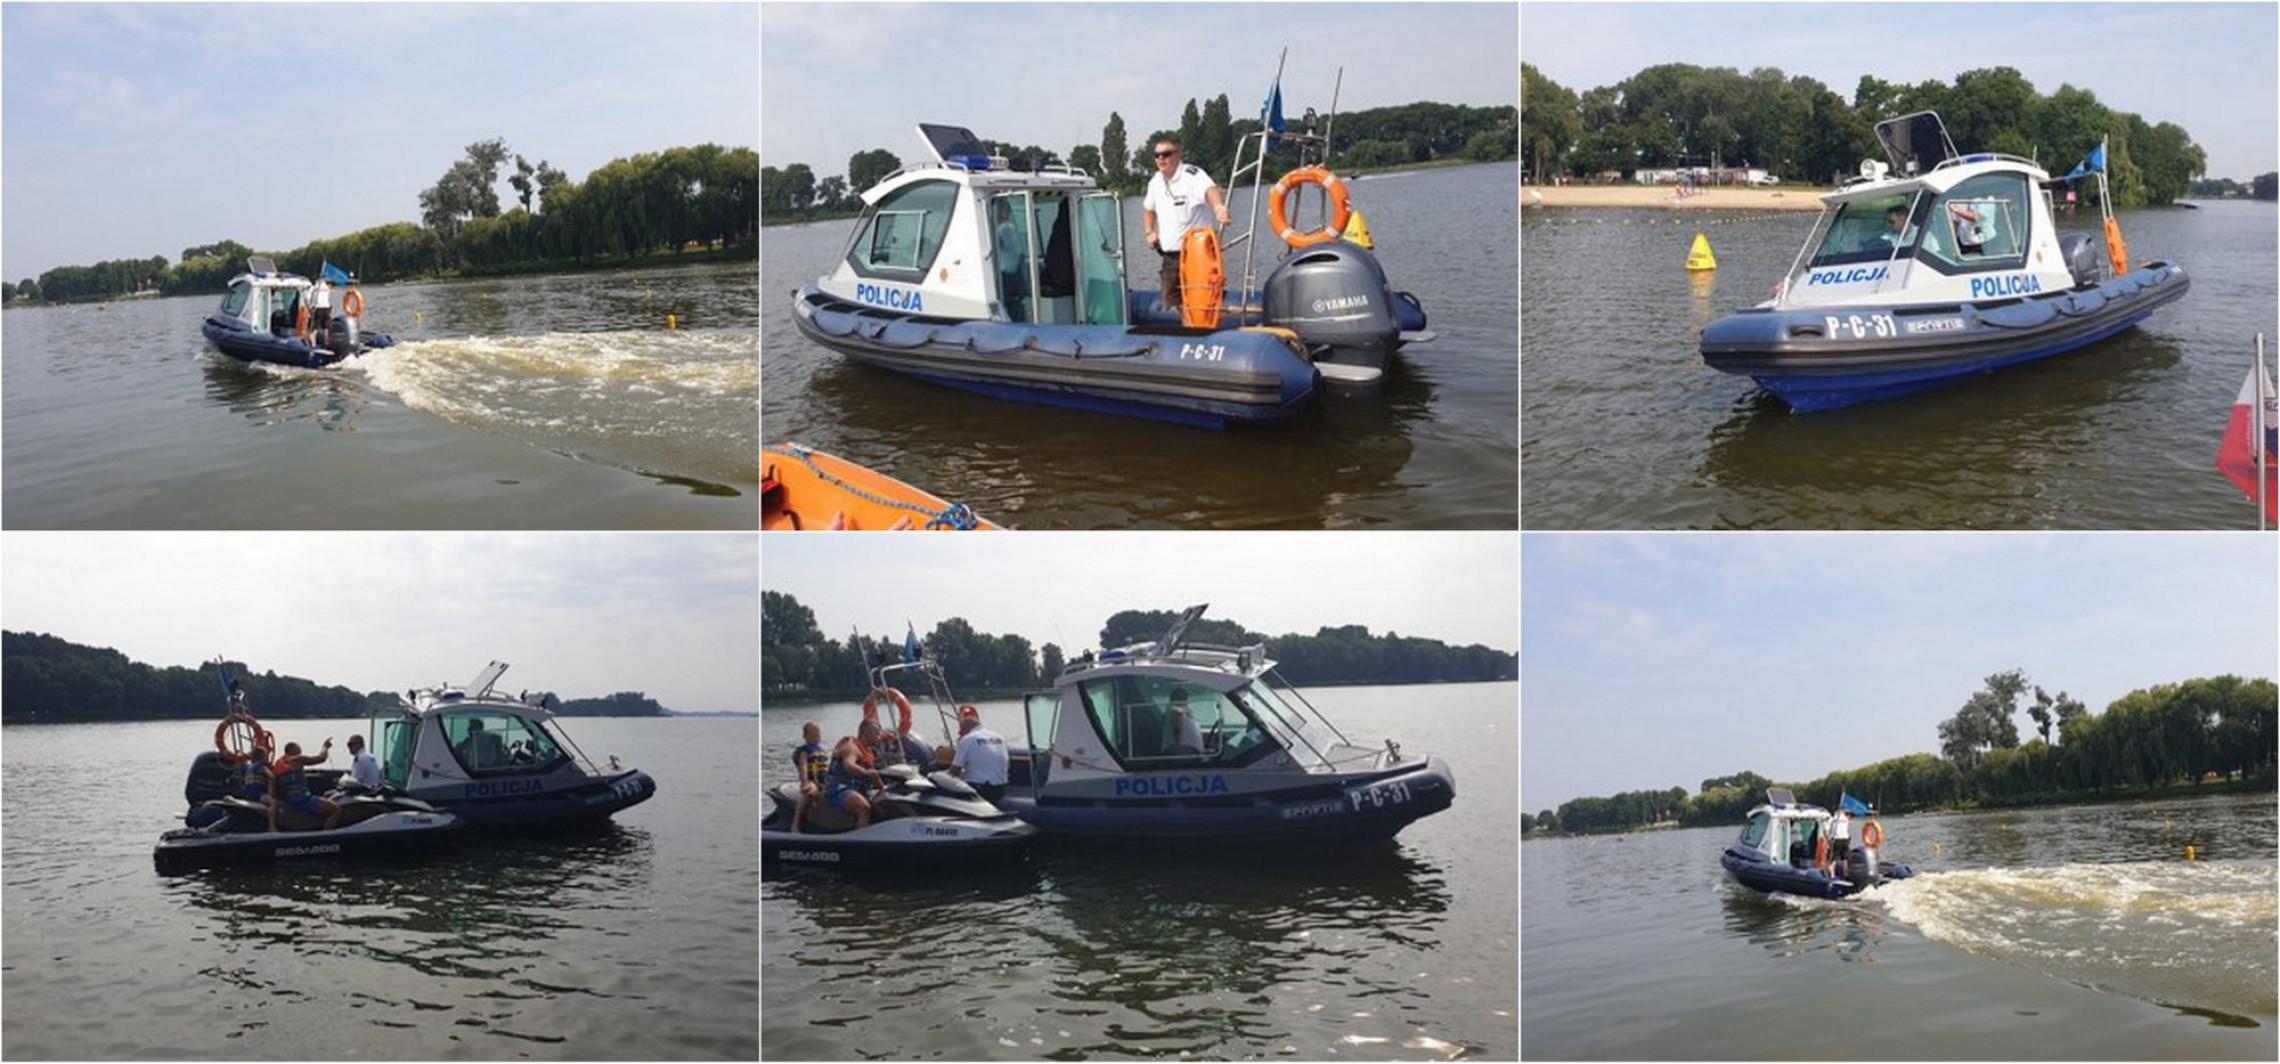 Kruszwica - Patrole nad wodą mają zapobiec tragediom